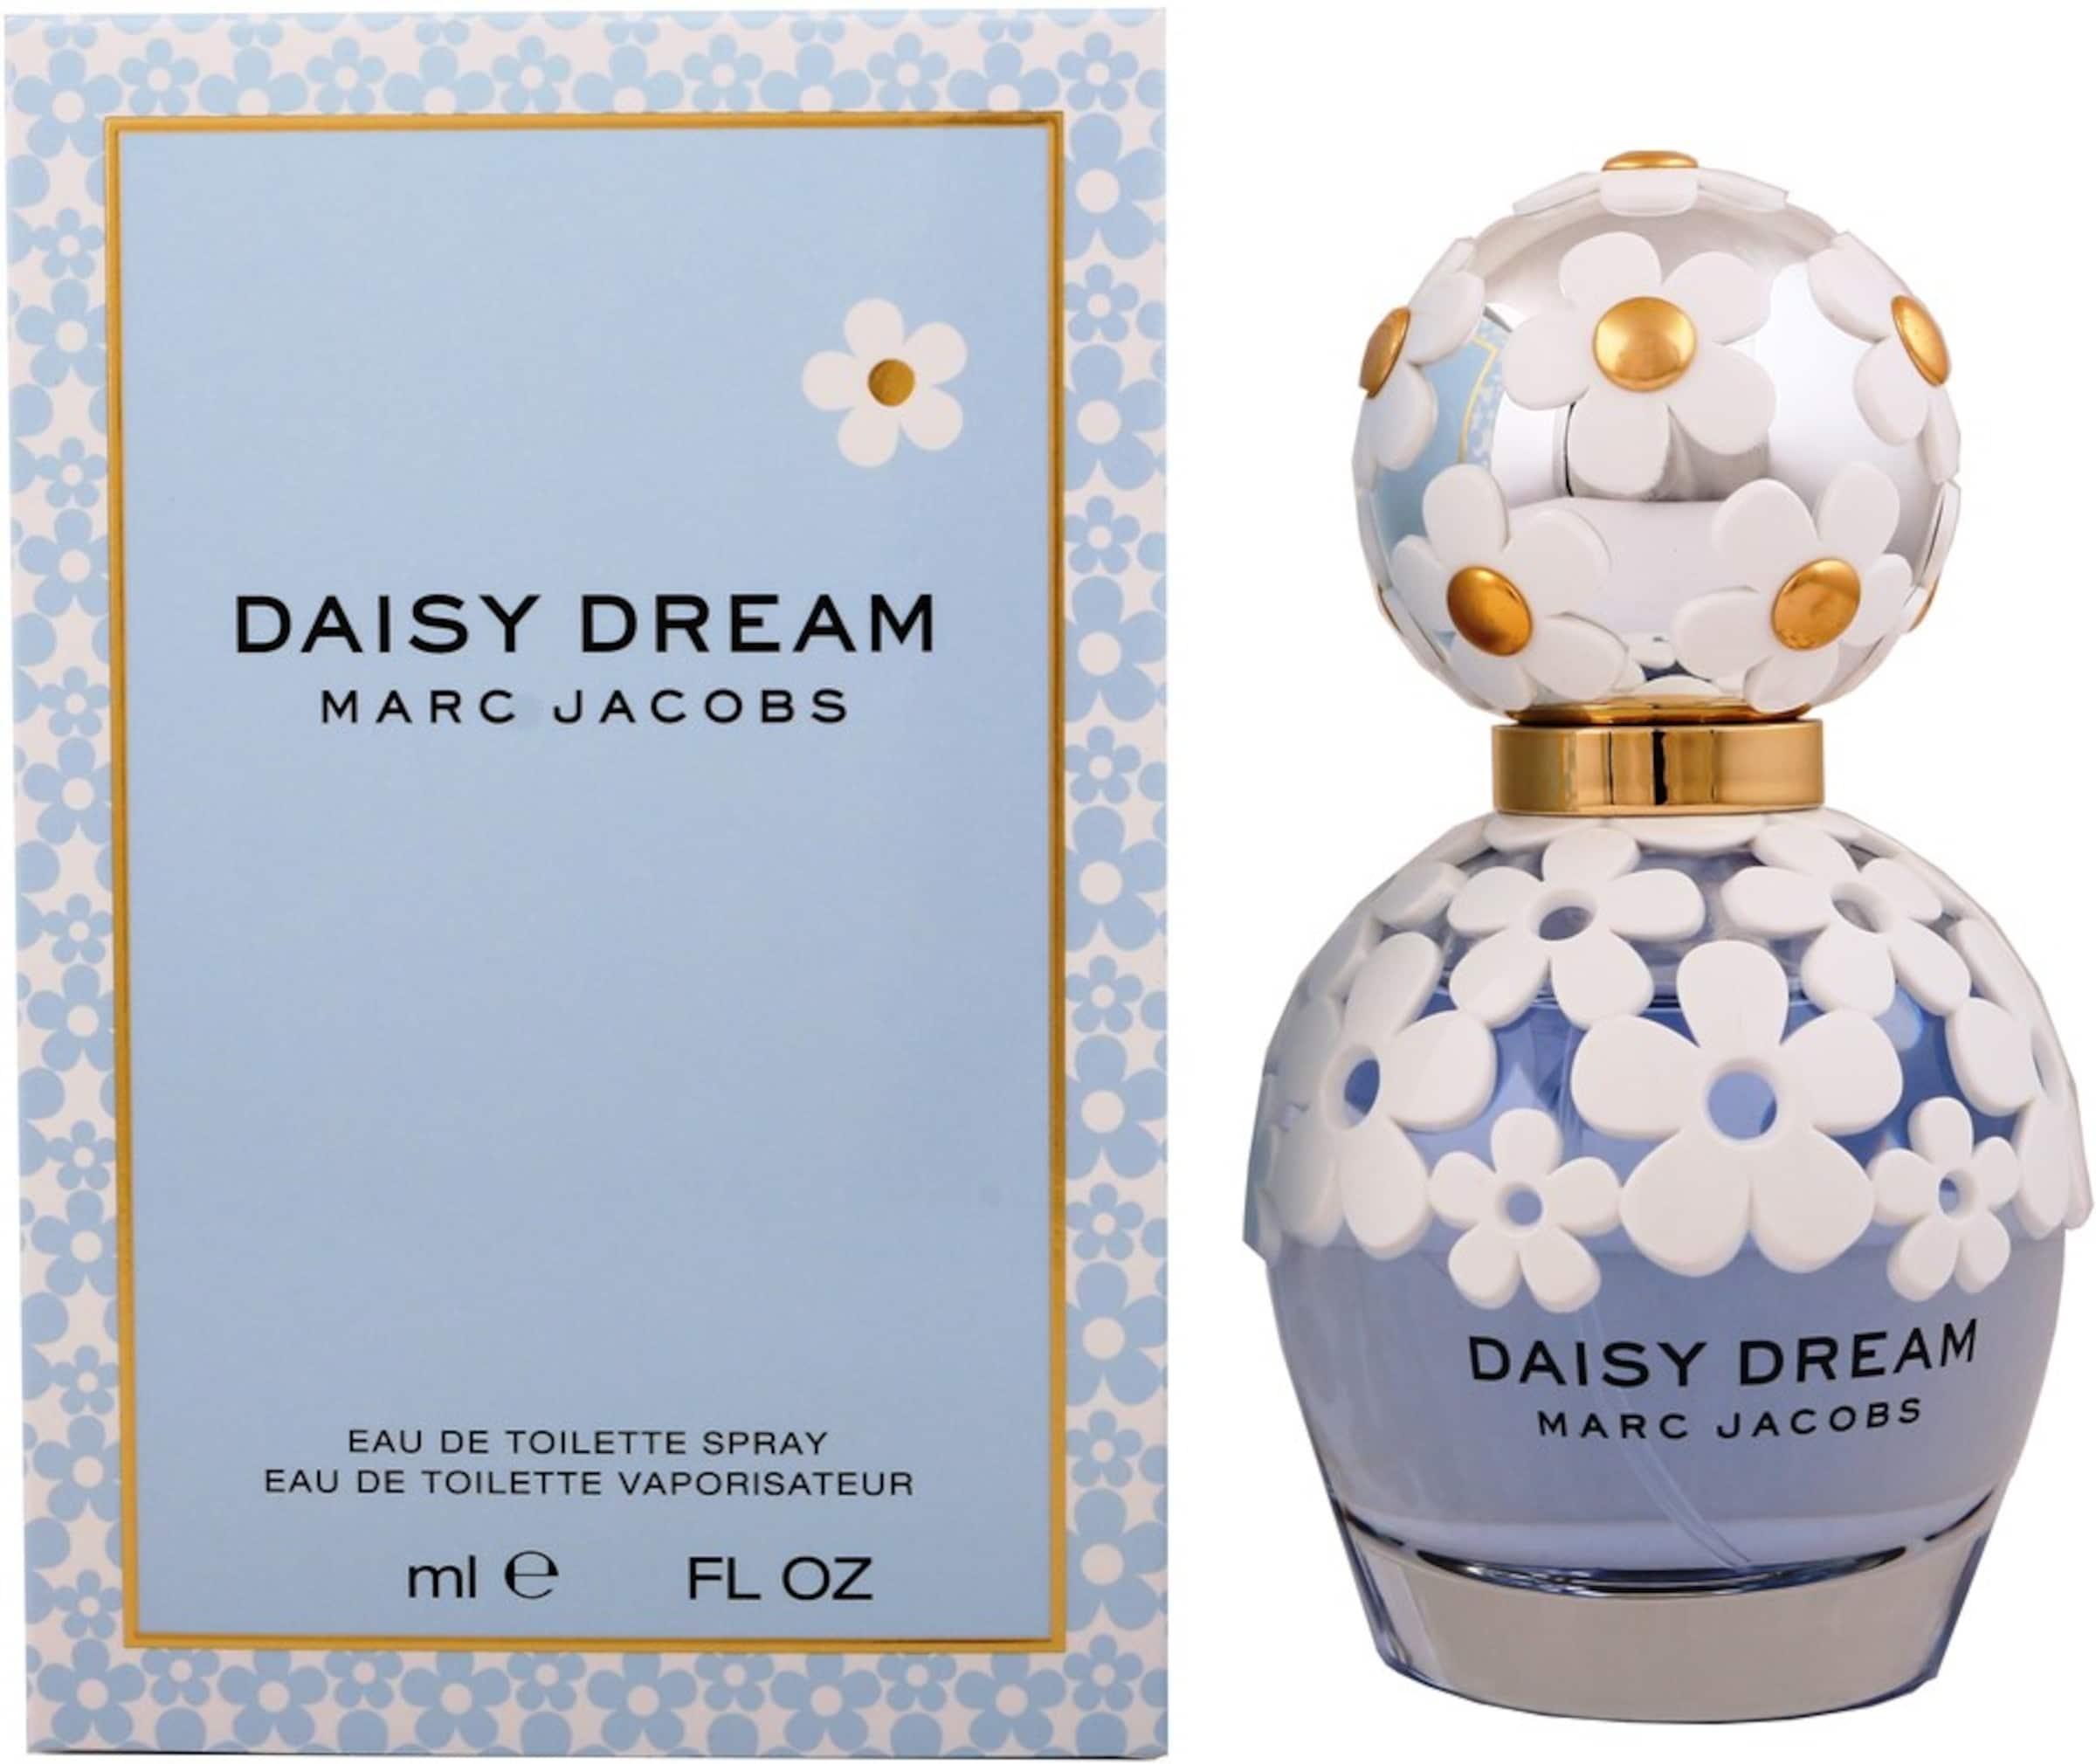 Billig Zahlen Mit Paypal Marc Jacobs 'Daisy Dream' Eau de Toilette Neueste Auf Heißen Verkauf Günstig Kaufen Professionelle Versorgung Verkauf Online PtYEwgwd0